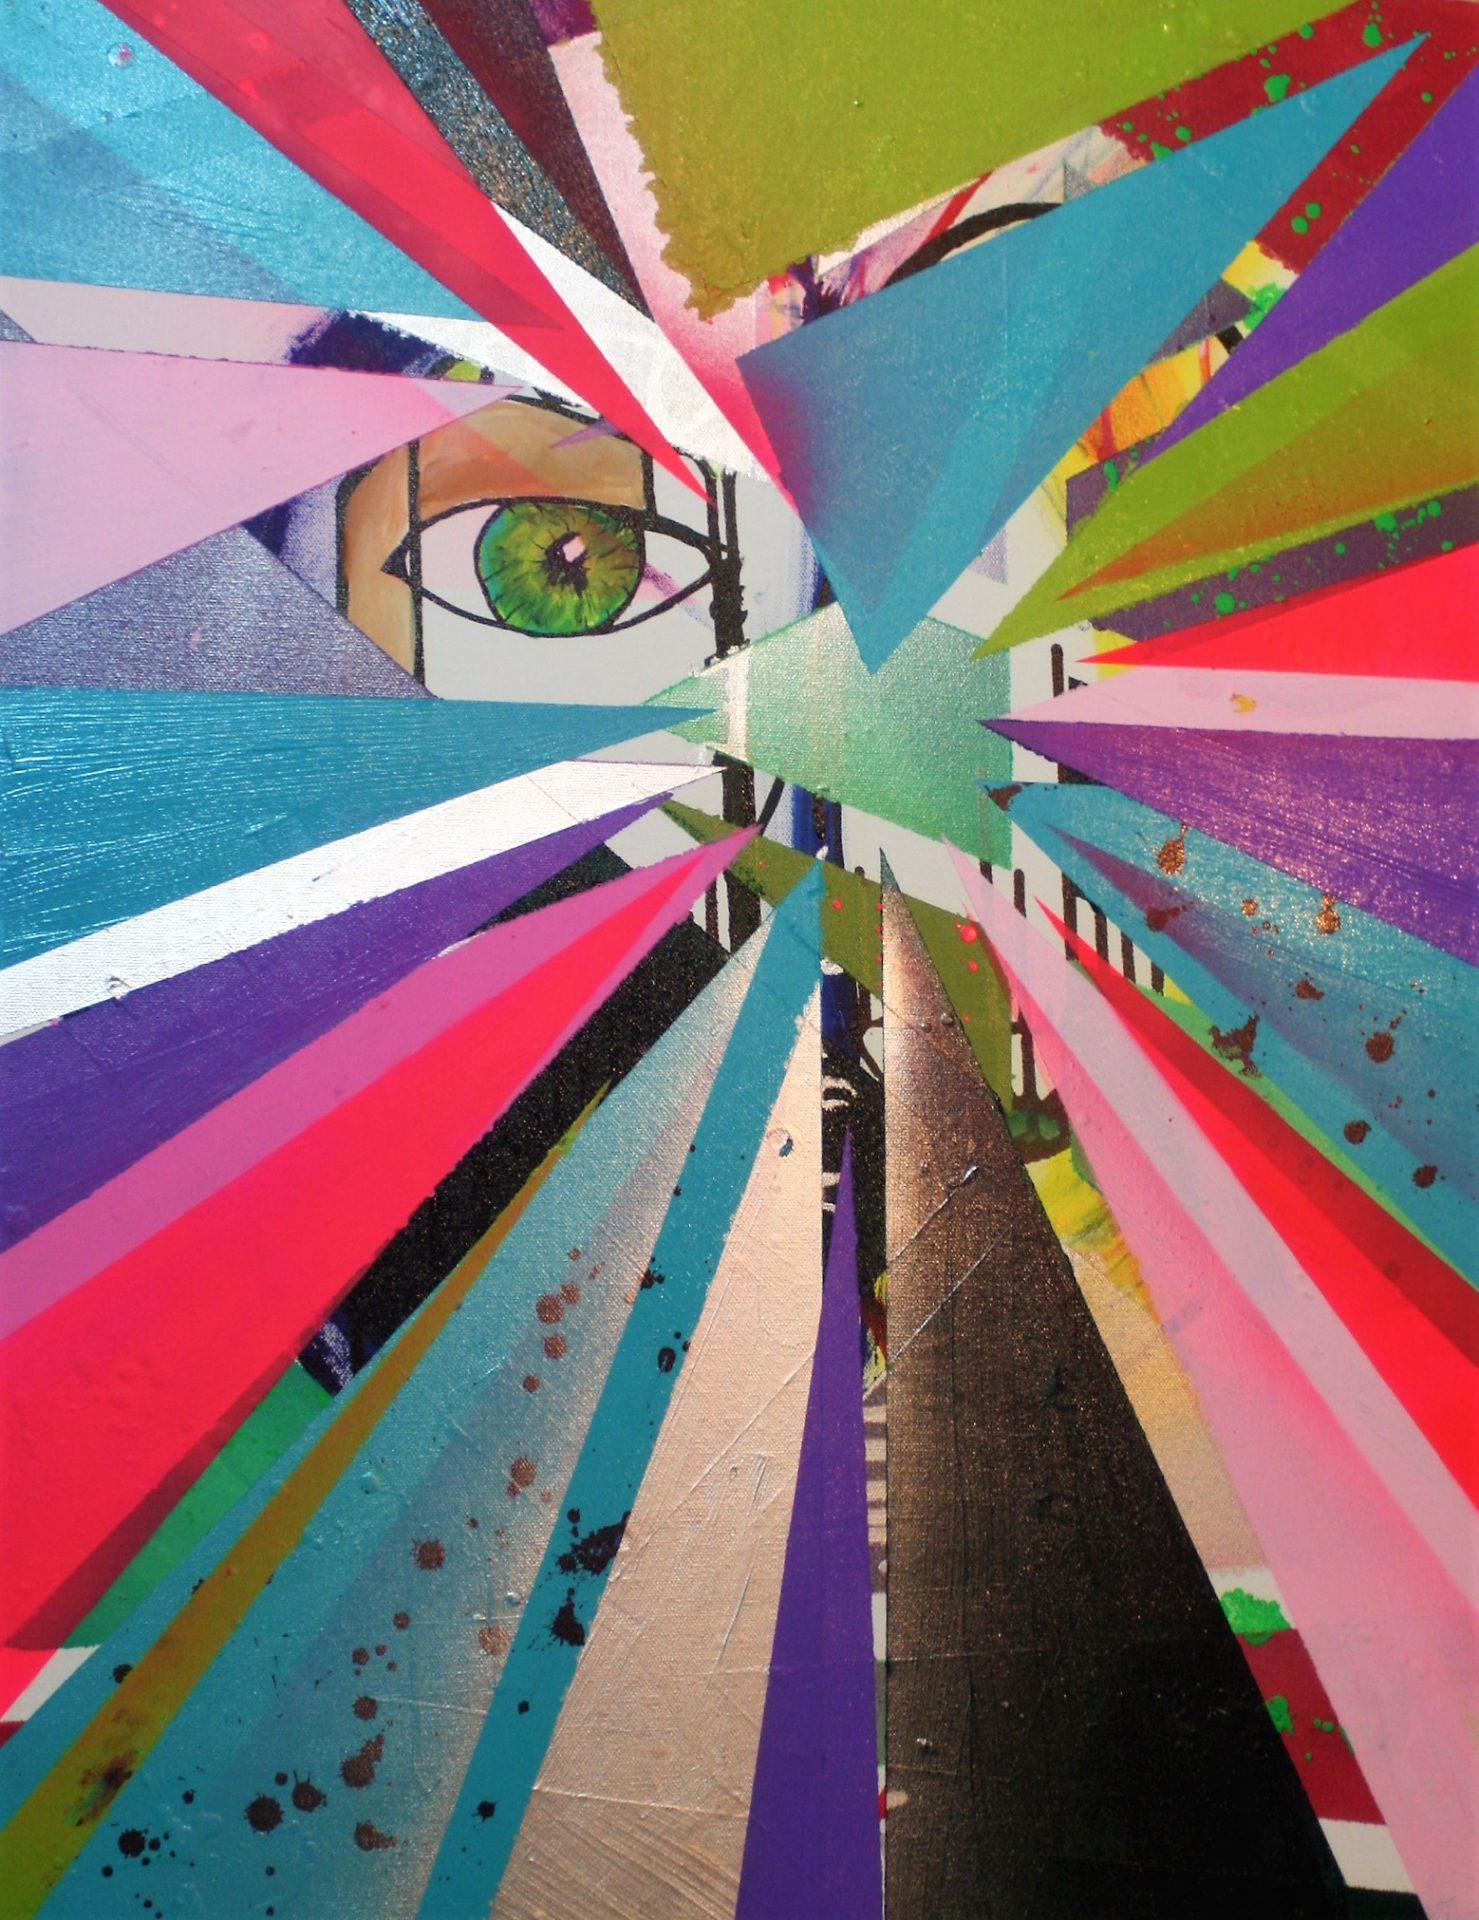 Eyesolation by Mimi Benrazek